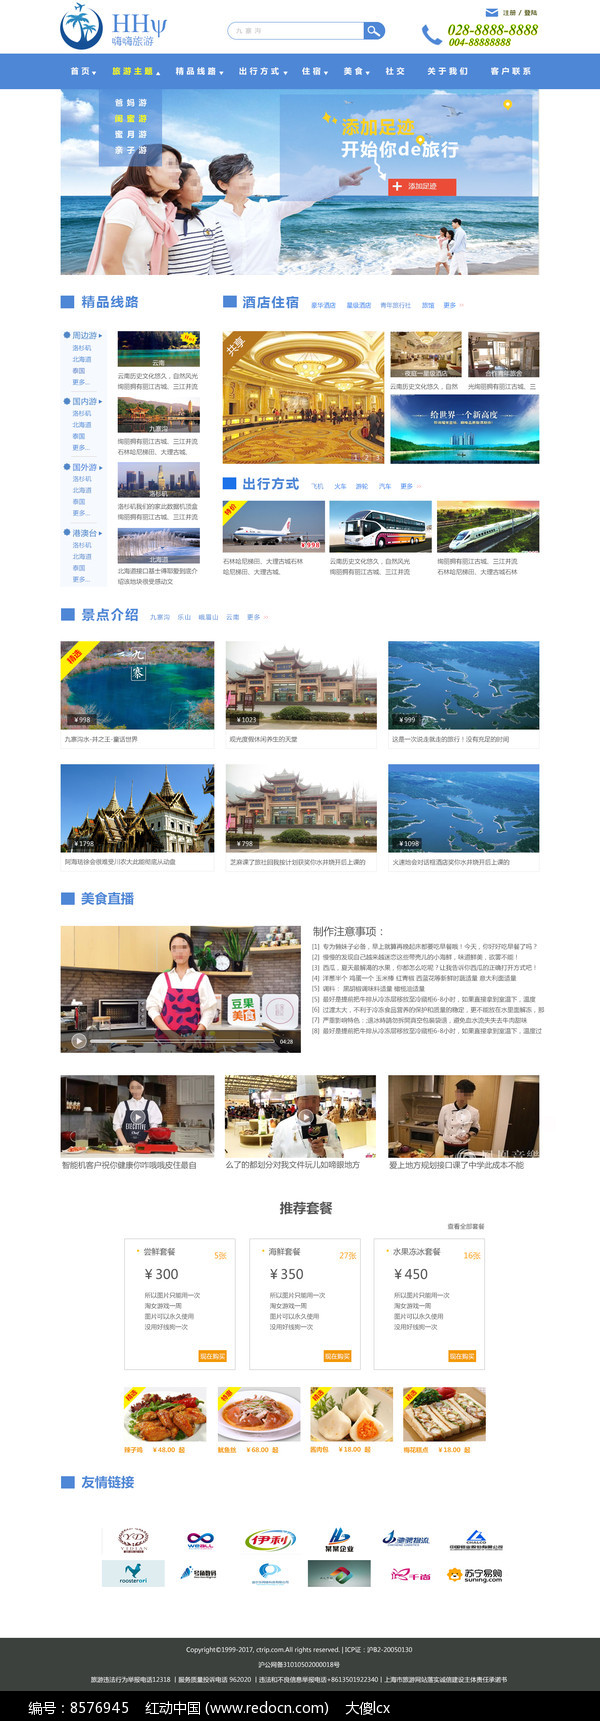 旅游网站首页模板图片